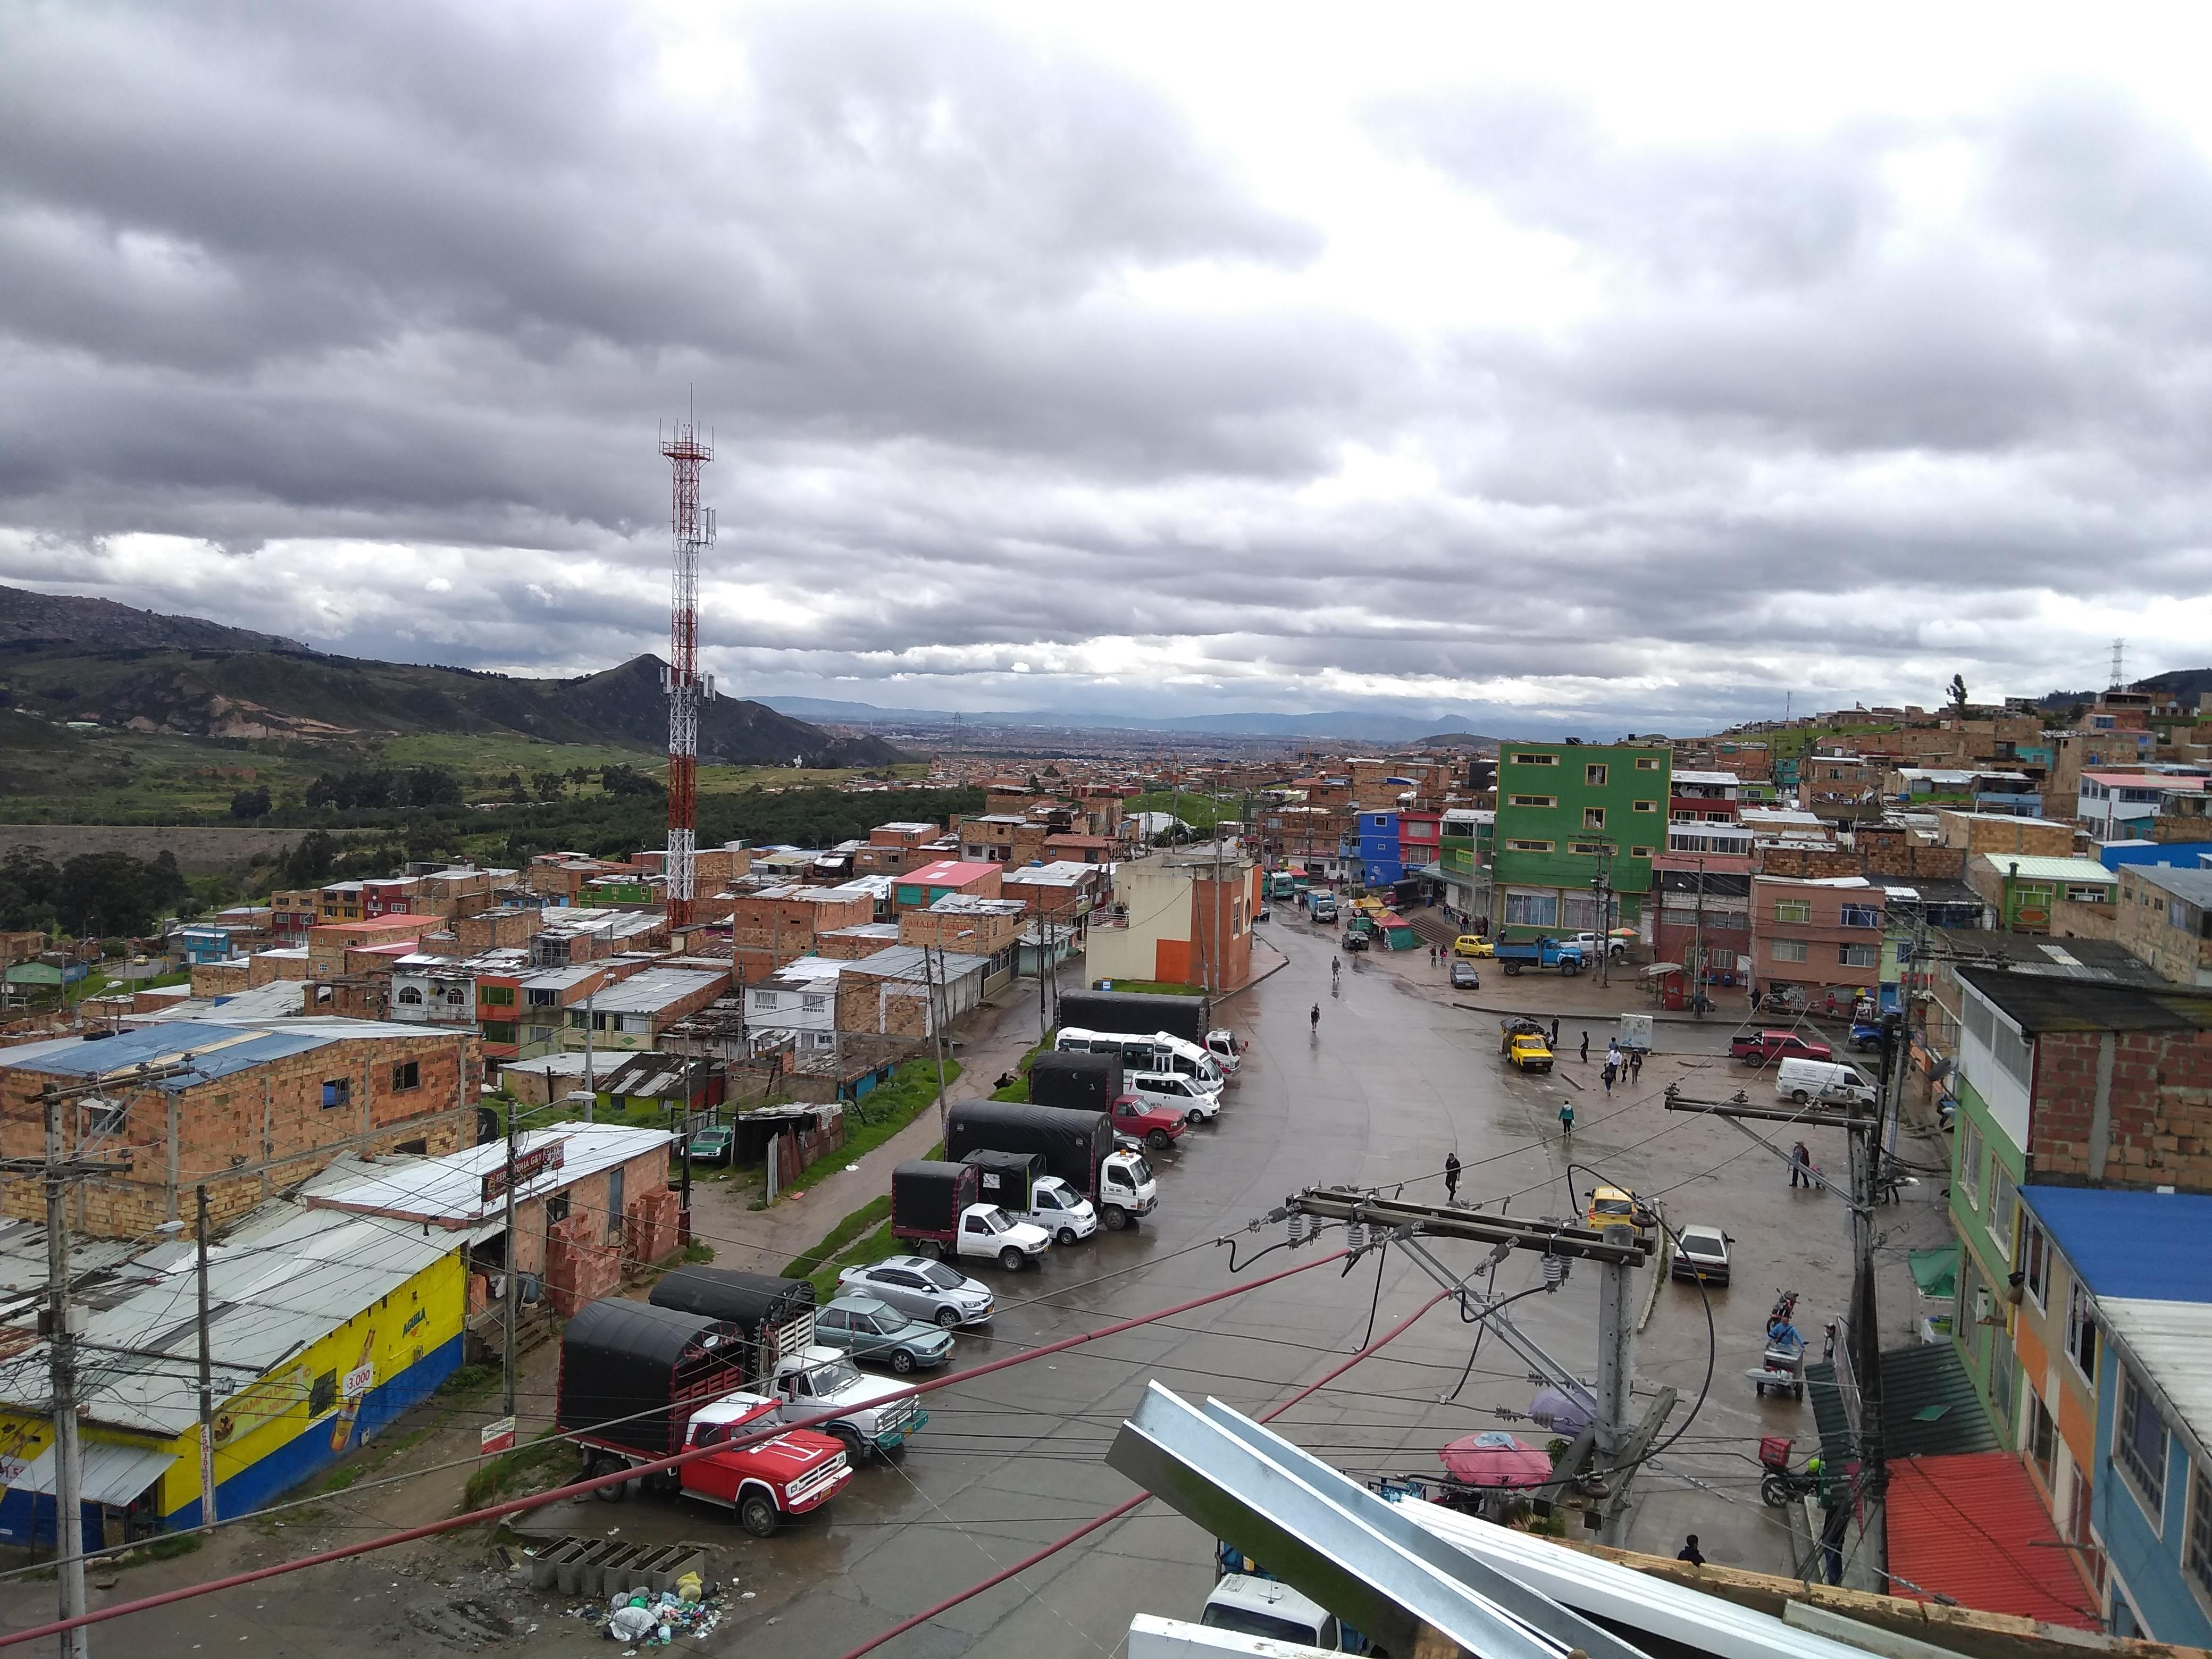 Calle segura para el Barrio Antonio José de Sucre - Usme